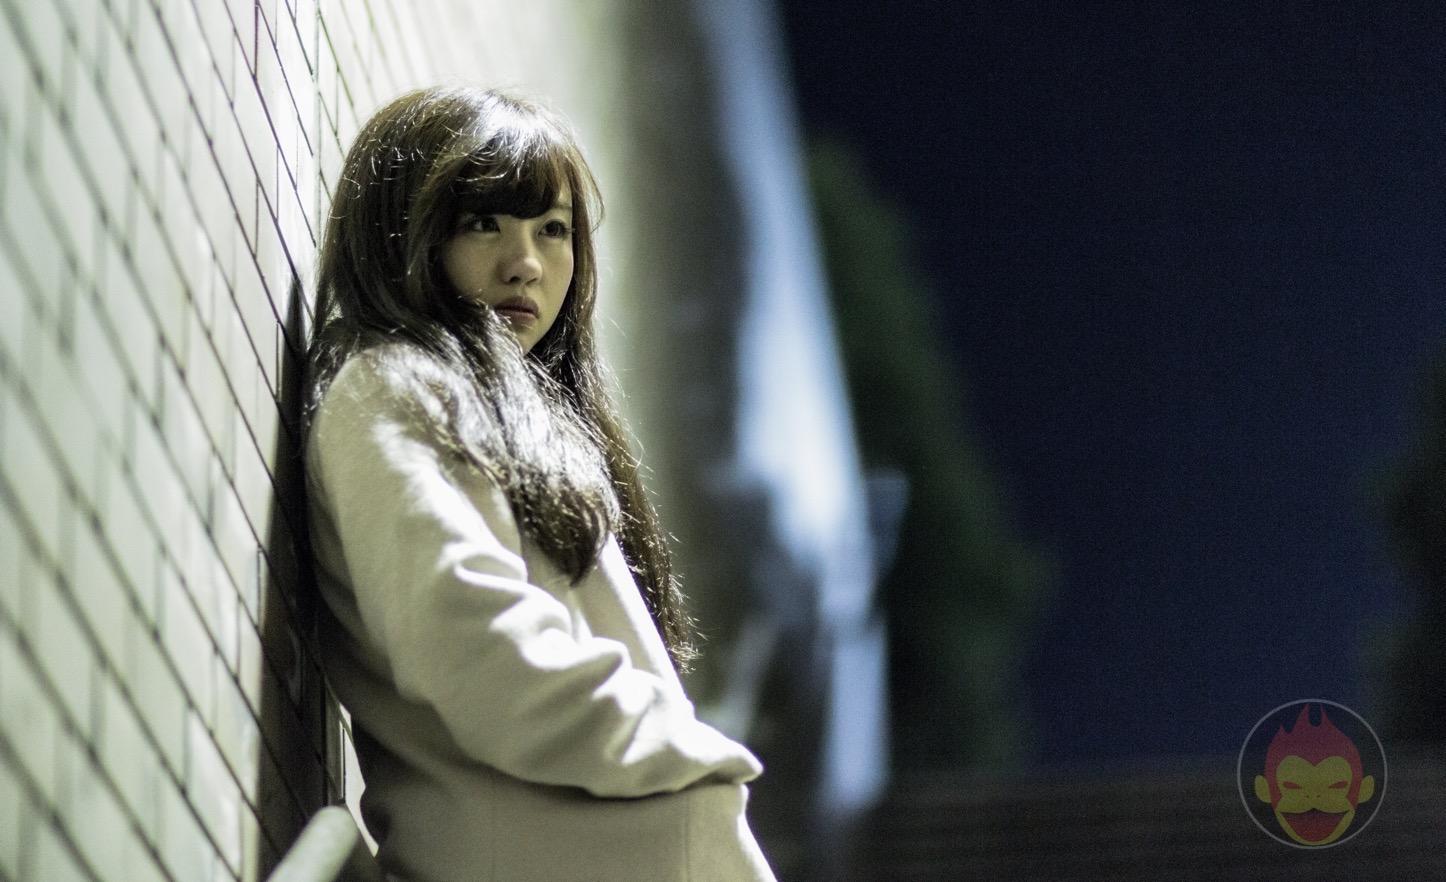 Yuka-Kawamura-85mm-Illumination-01.jpg